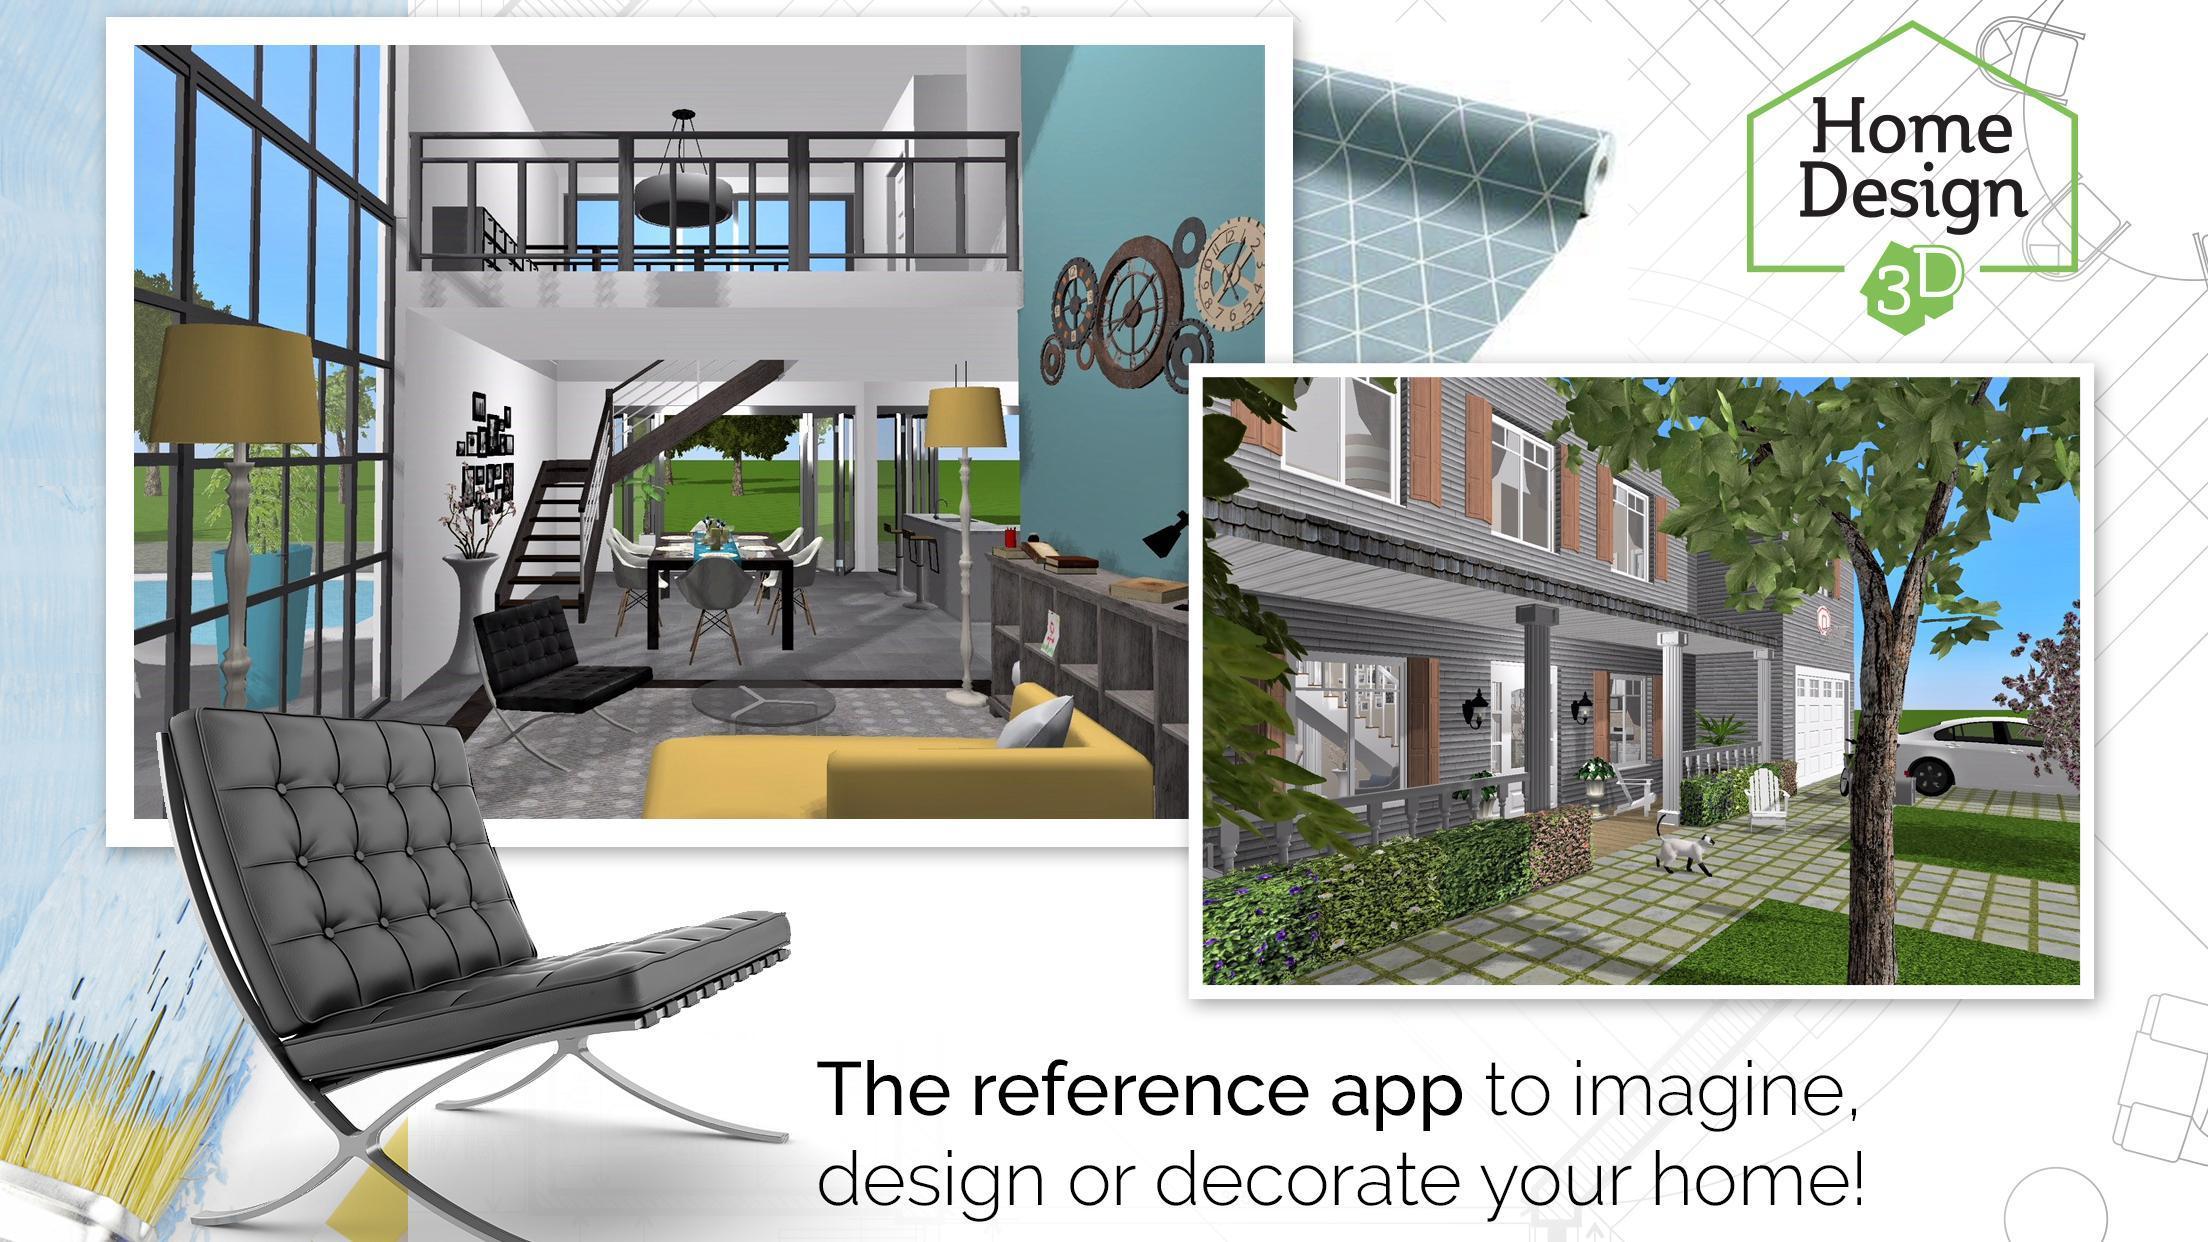 Home Design 3D 4.4.4 Screenshot 6